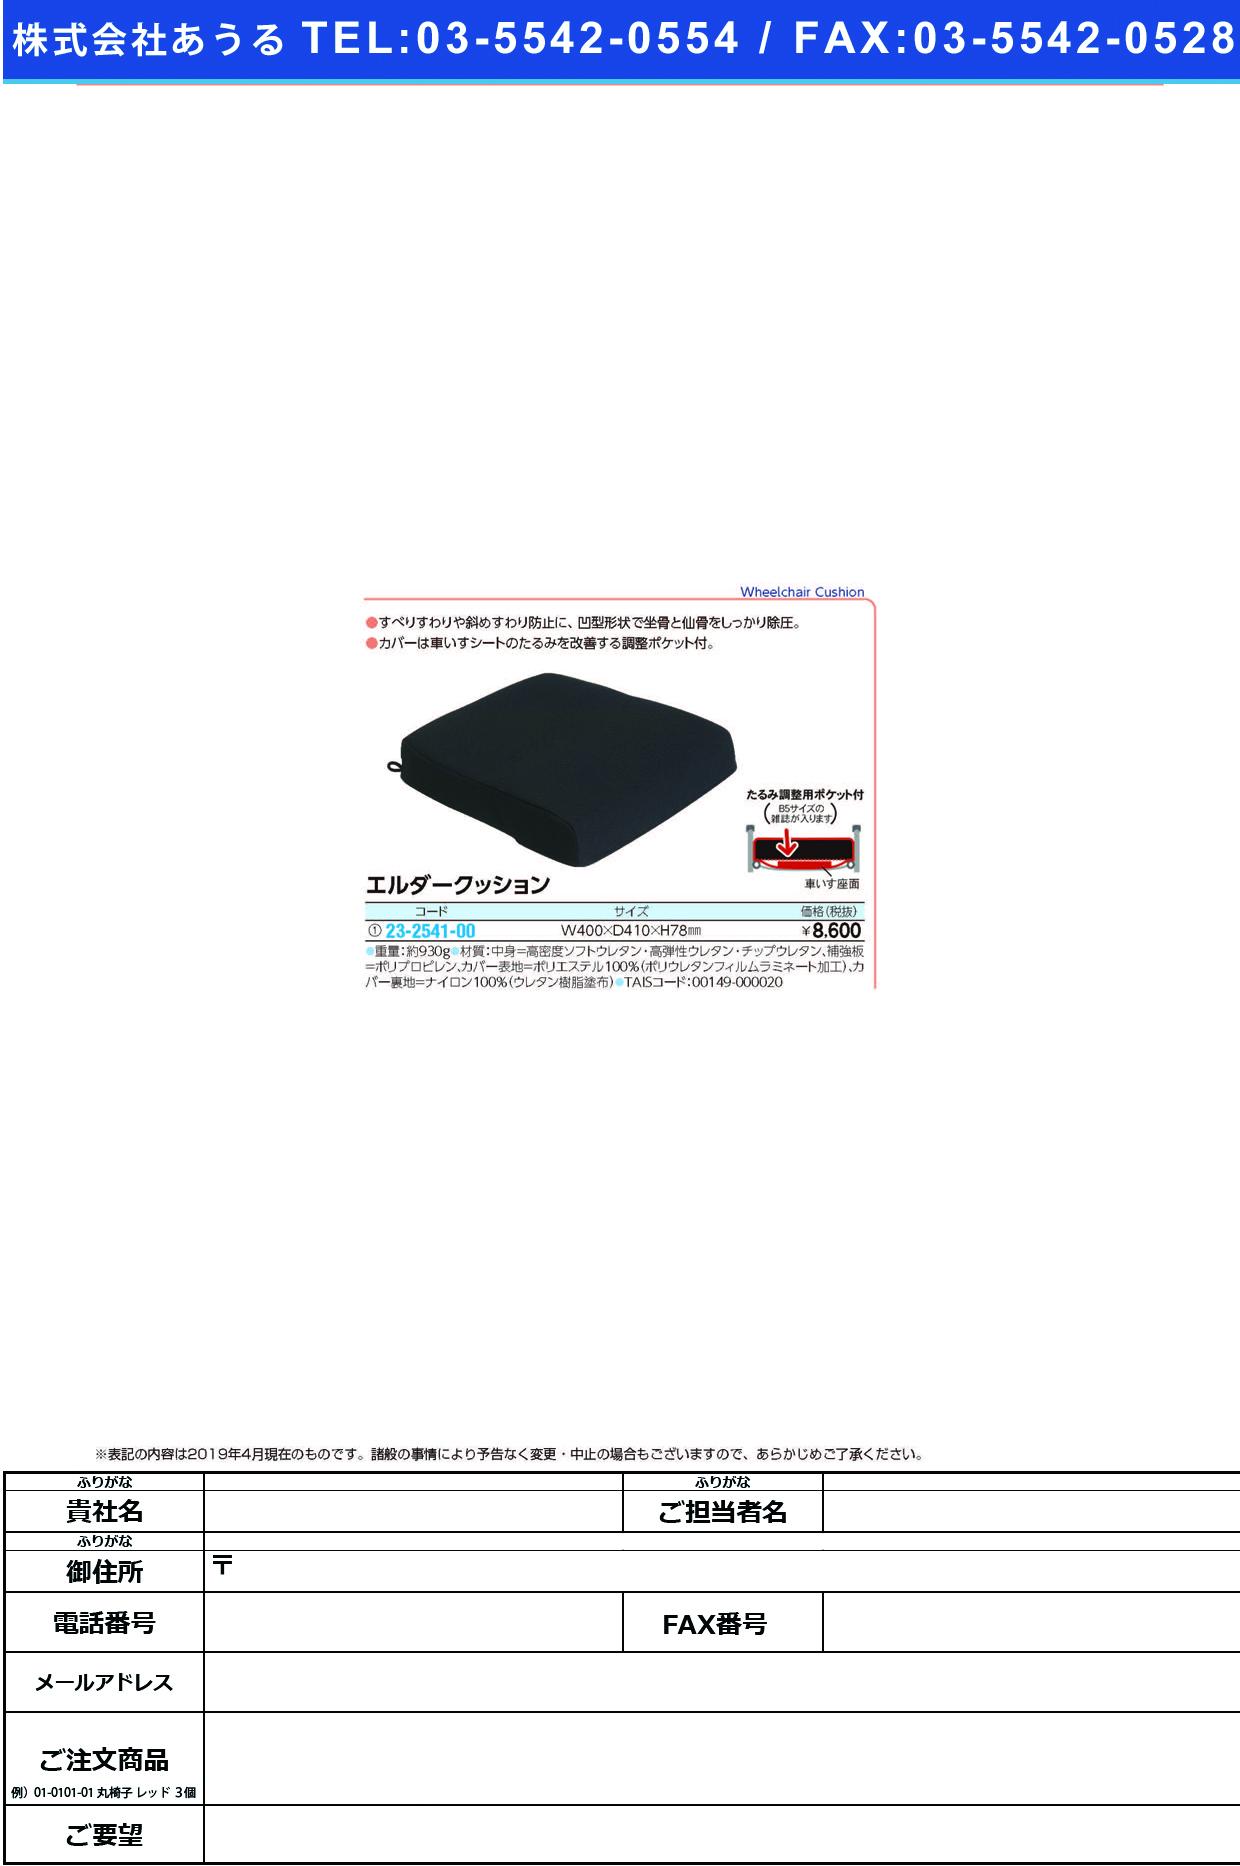 (23-2541-00)エルダークッション 400X410X78MM エルダークッション【1個単位】【2019年カタログ商品】